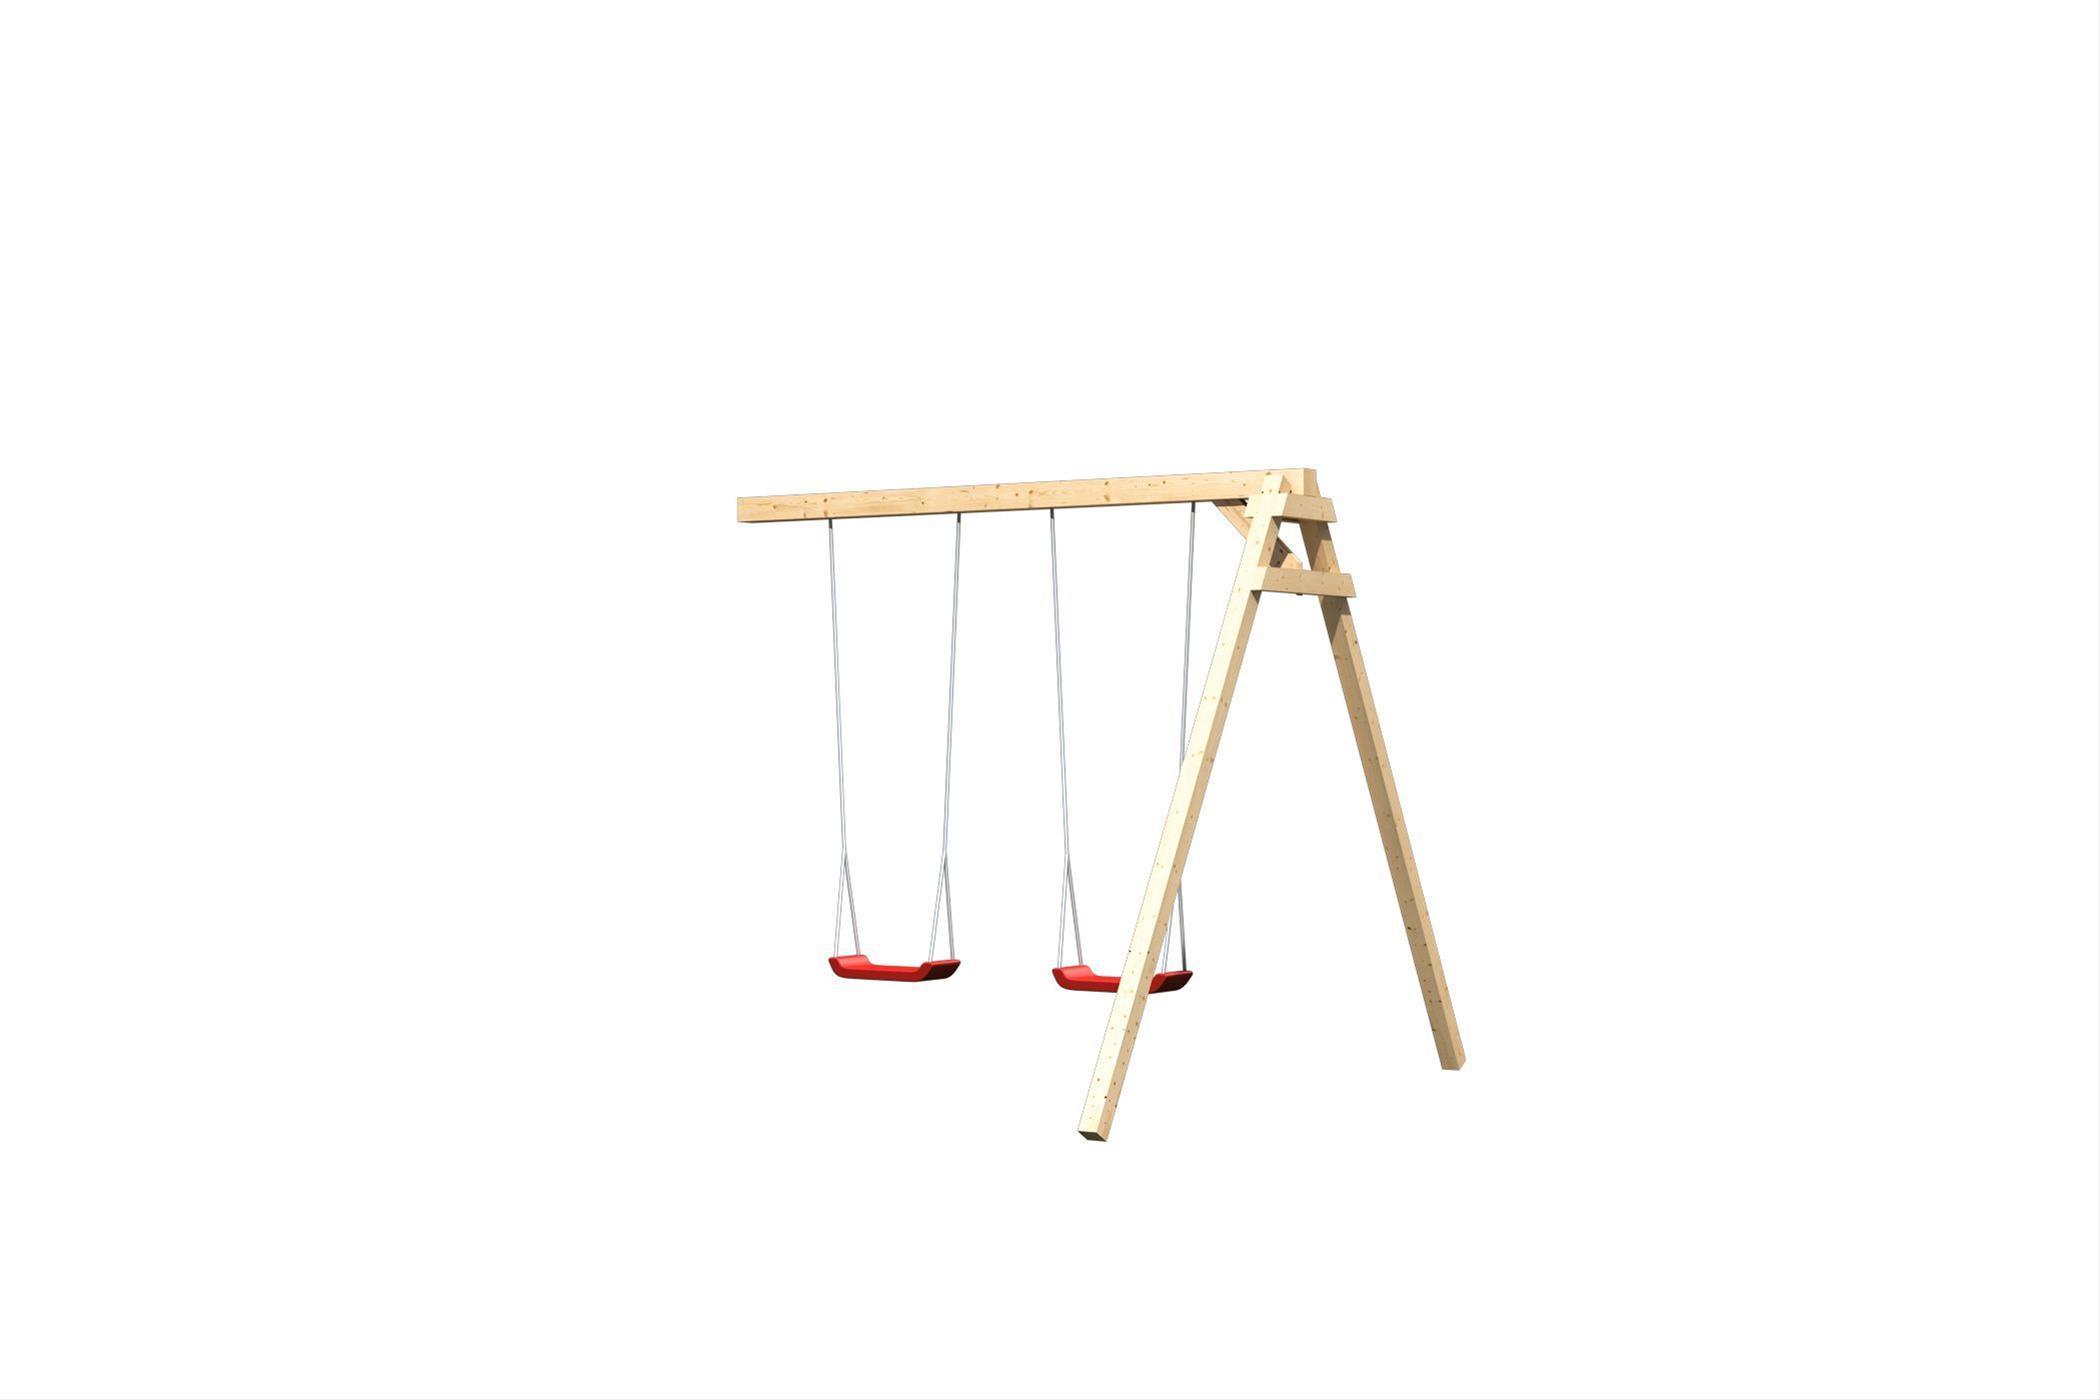 Spielturm Karibu Akubi Luis Set B Doppelschaukel + Rutsche blau Bild 5